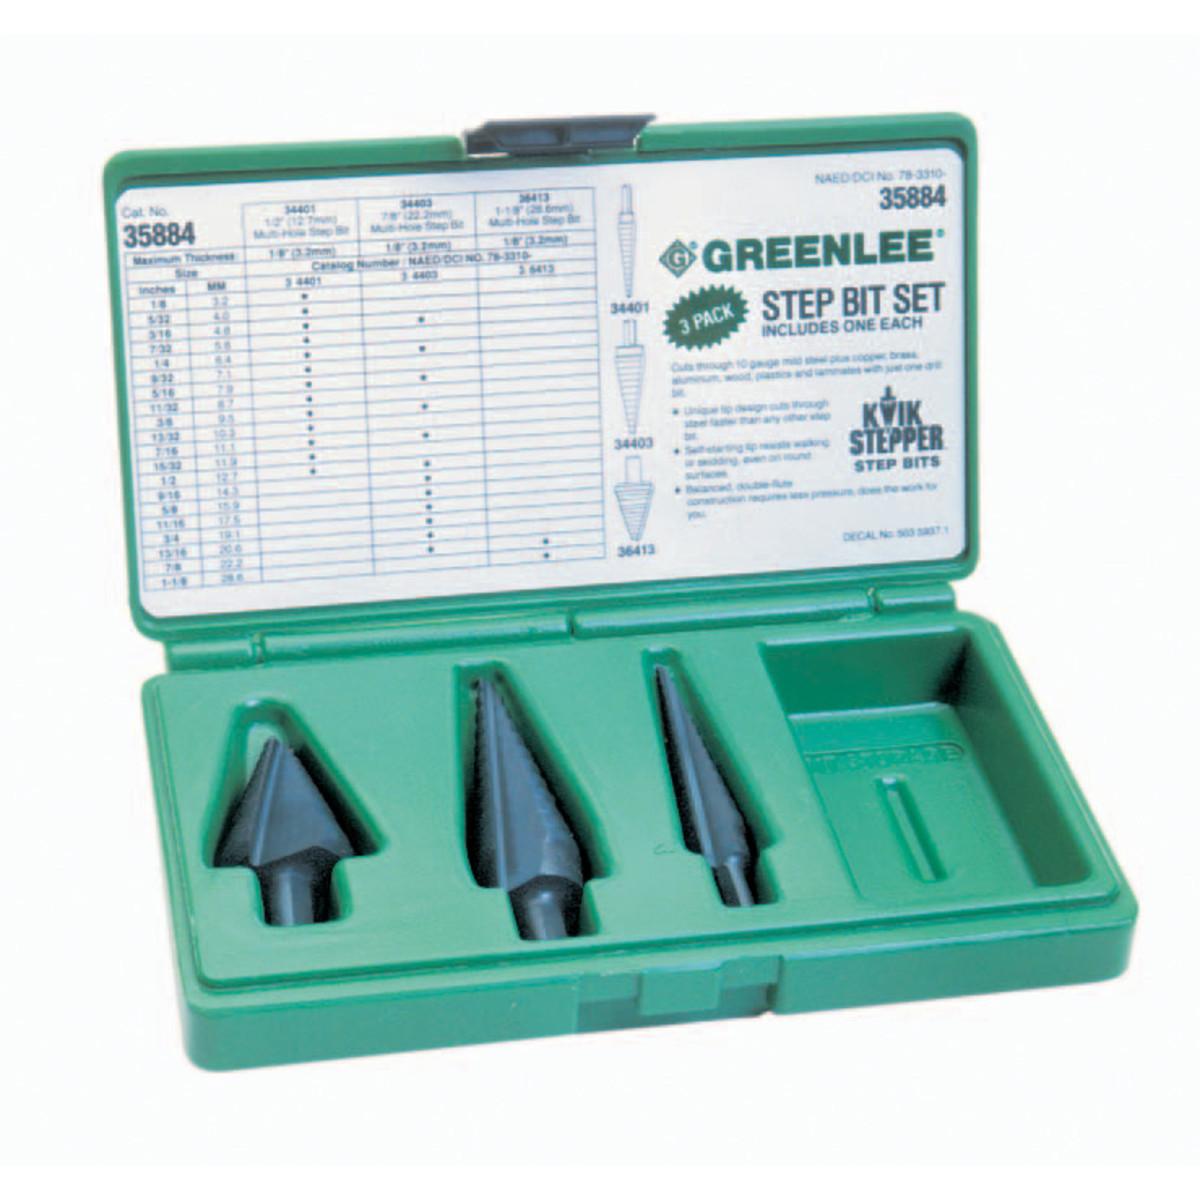 Greenlee®35884